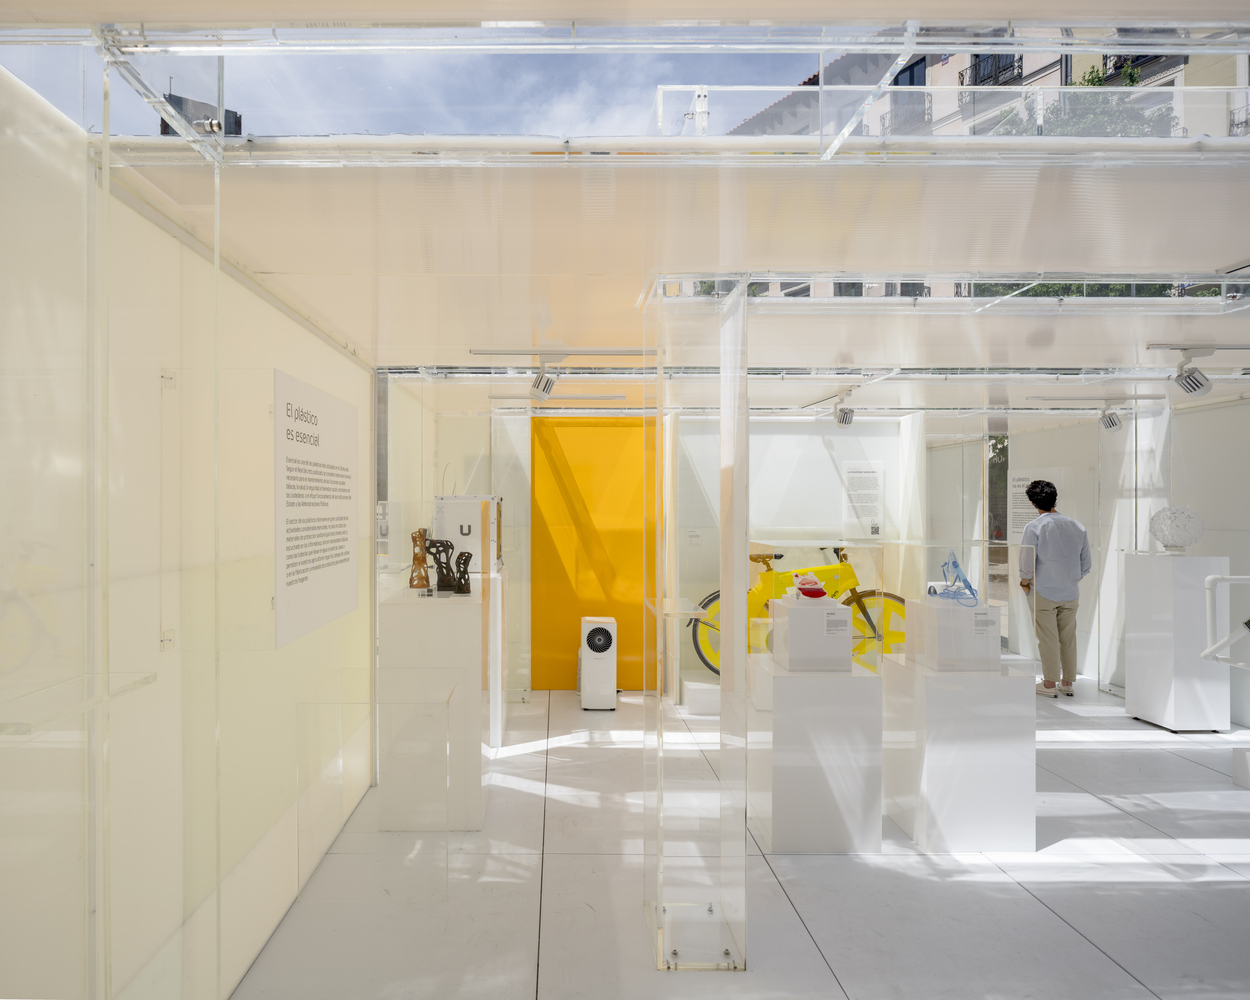 В Мадриде открыли музей из пластика. Через десять дней его переработали